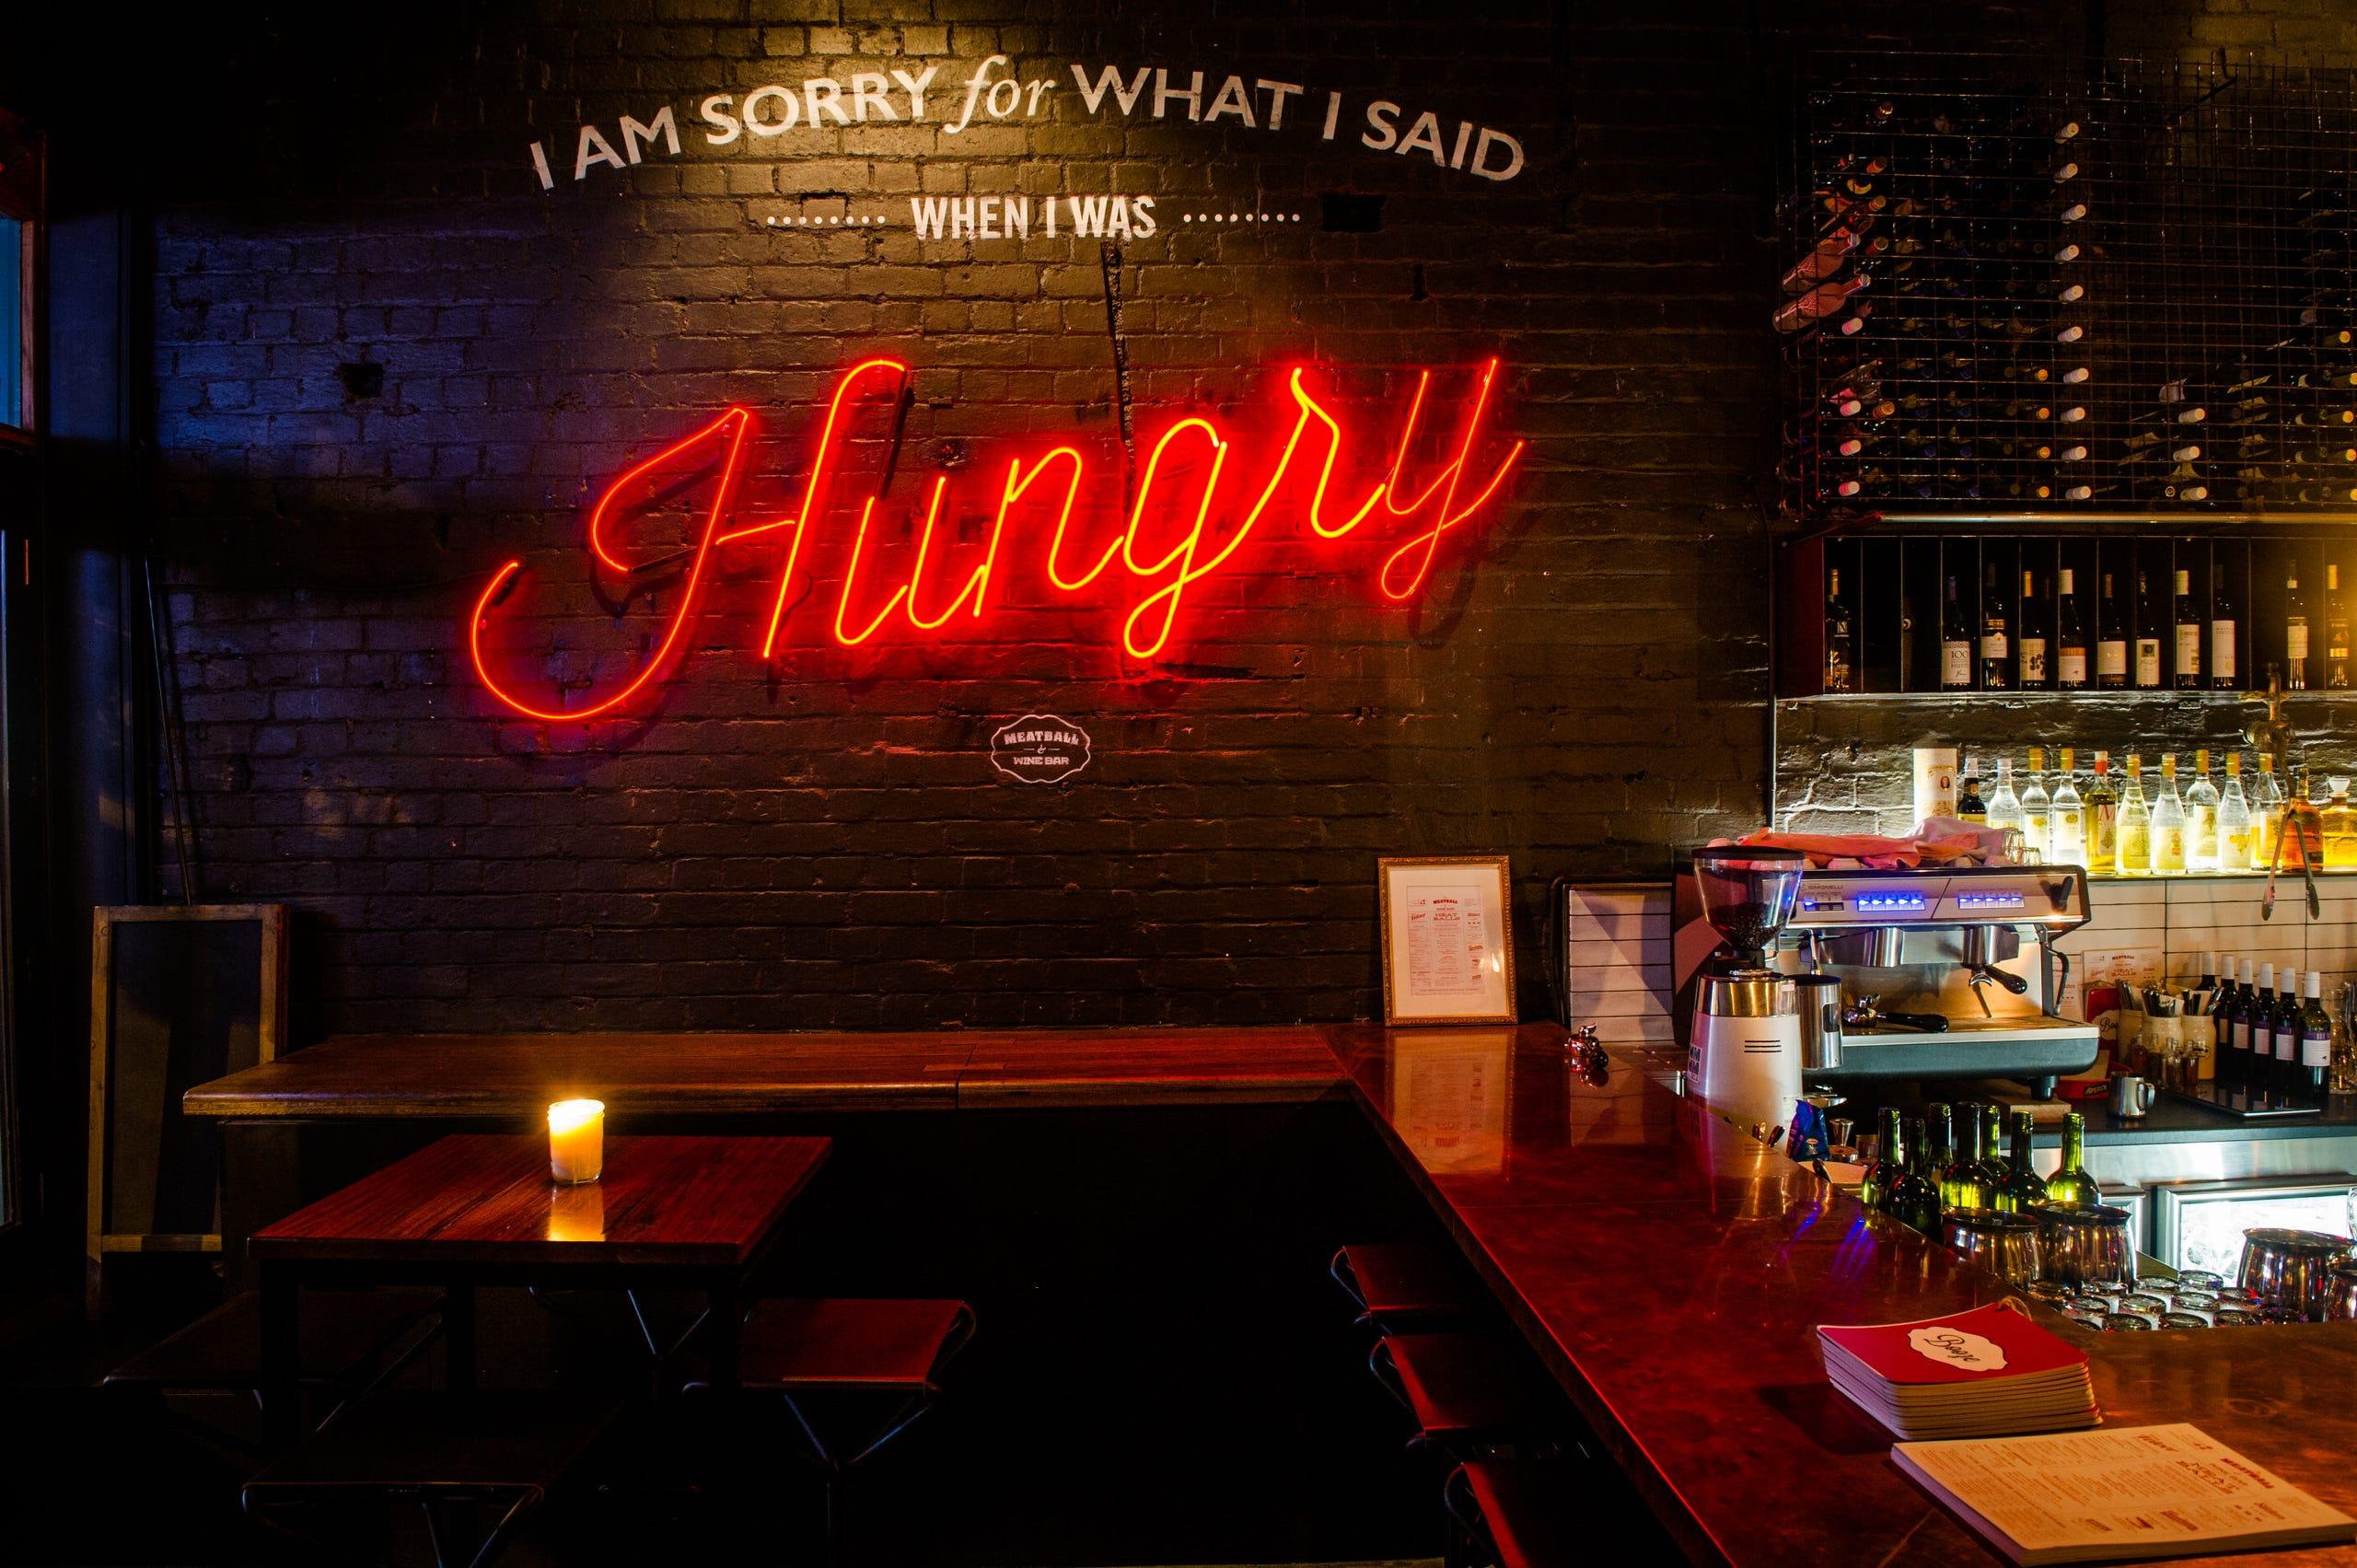 Restaurants and bars' best neon lights